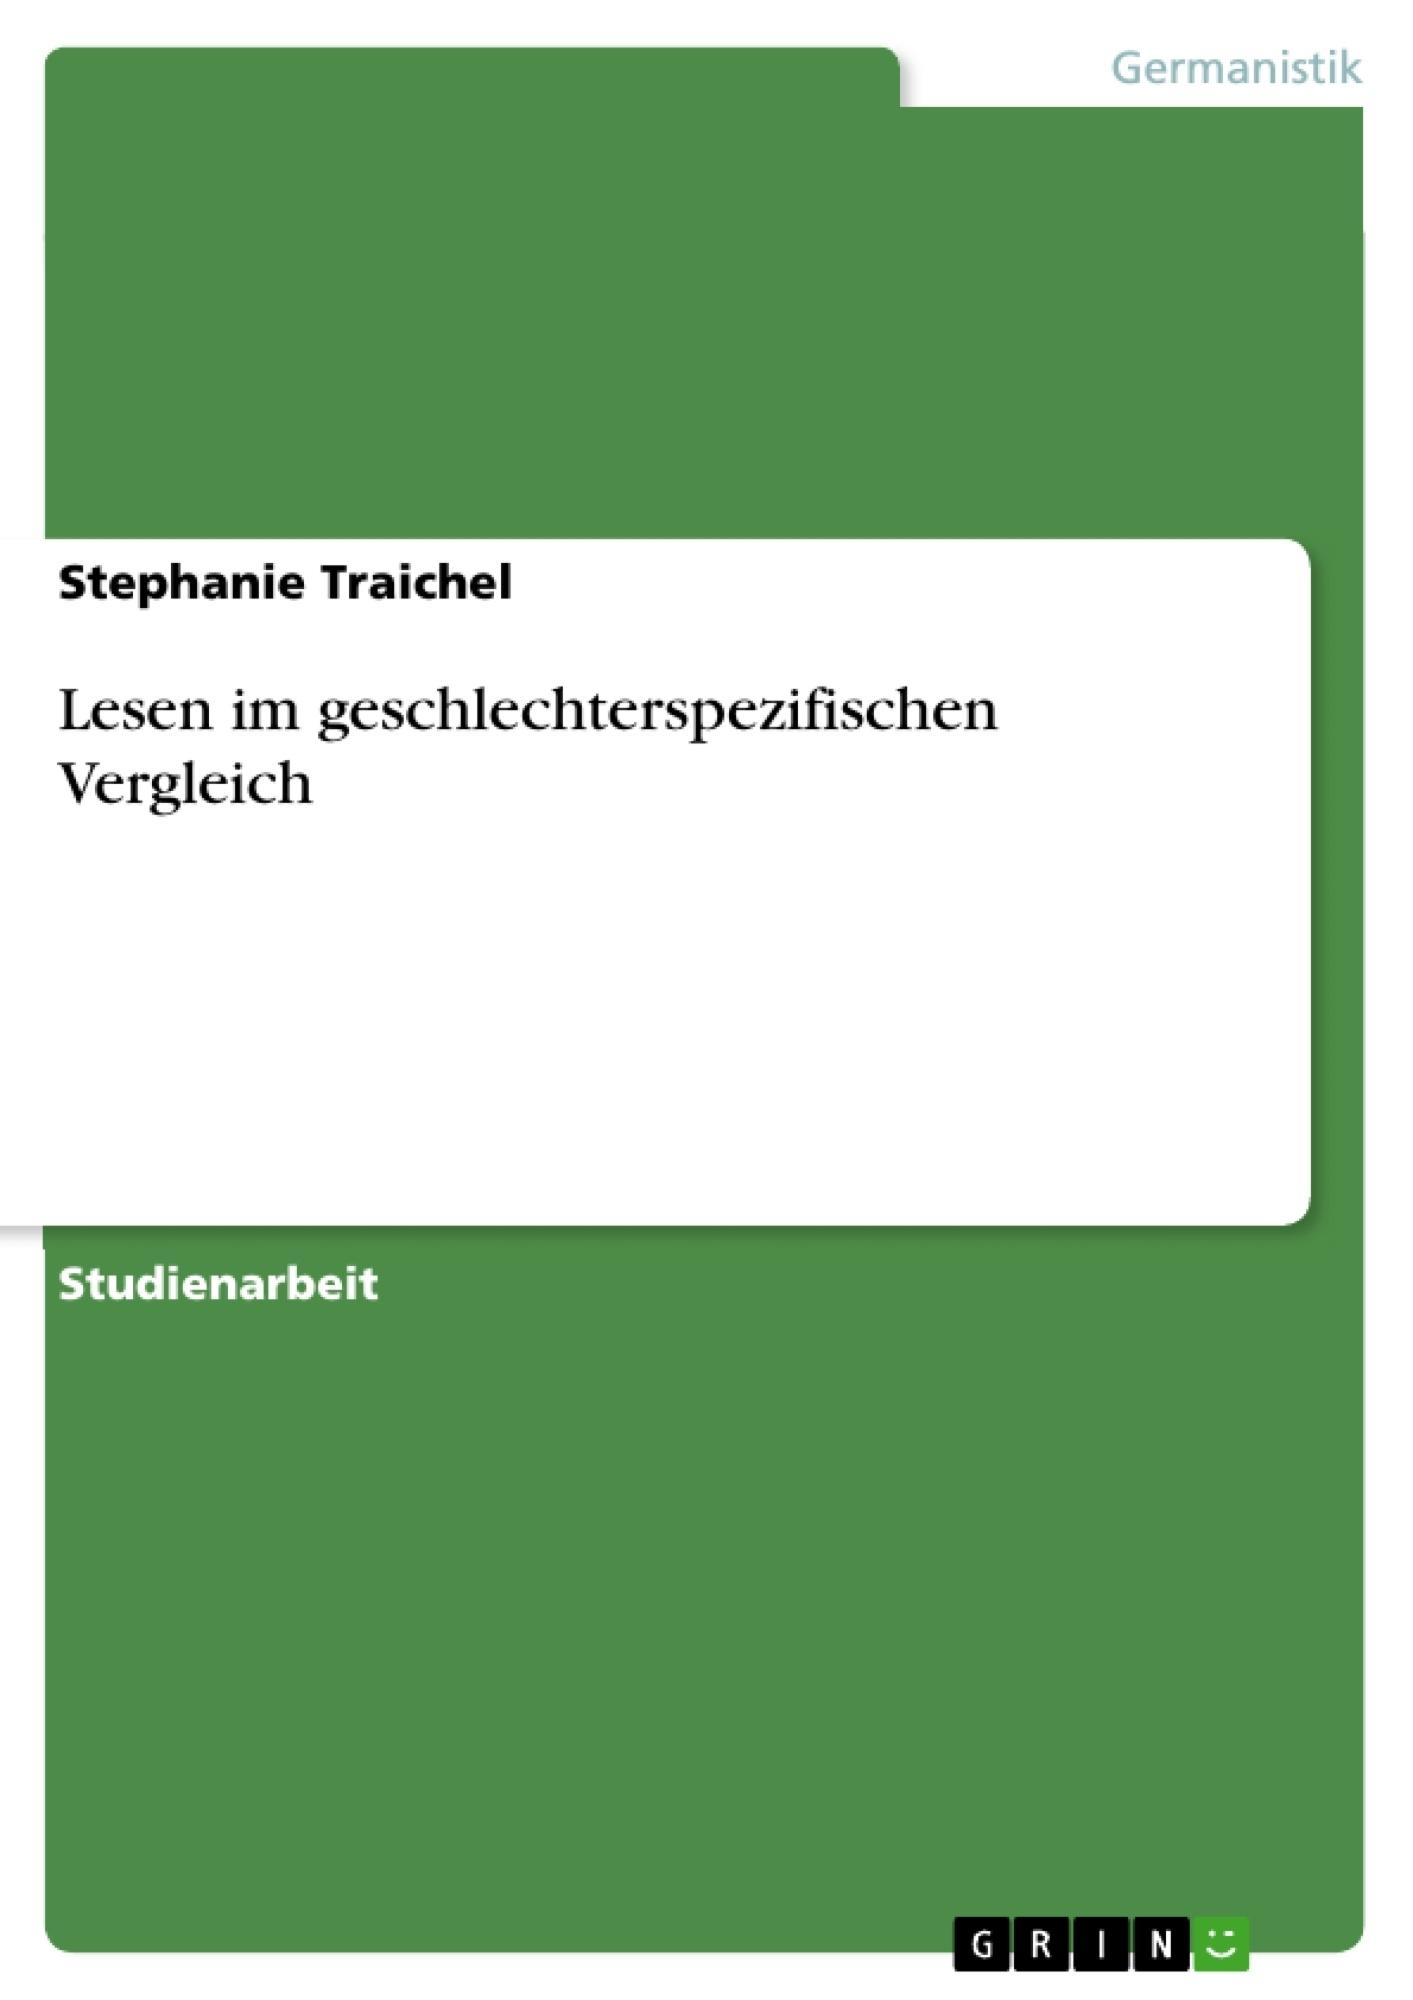 Titel: Lesen im geschlechterspezifischen Vergleich